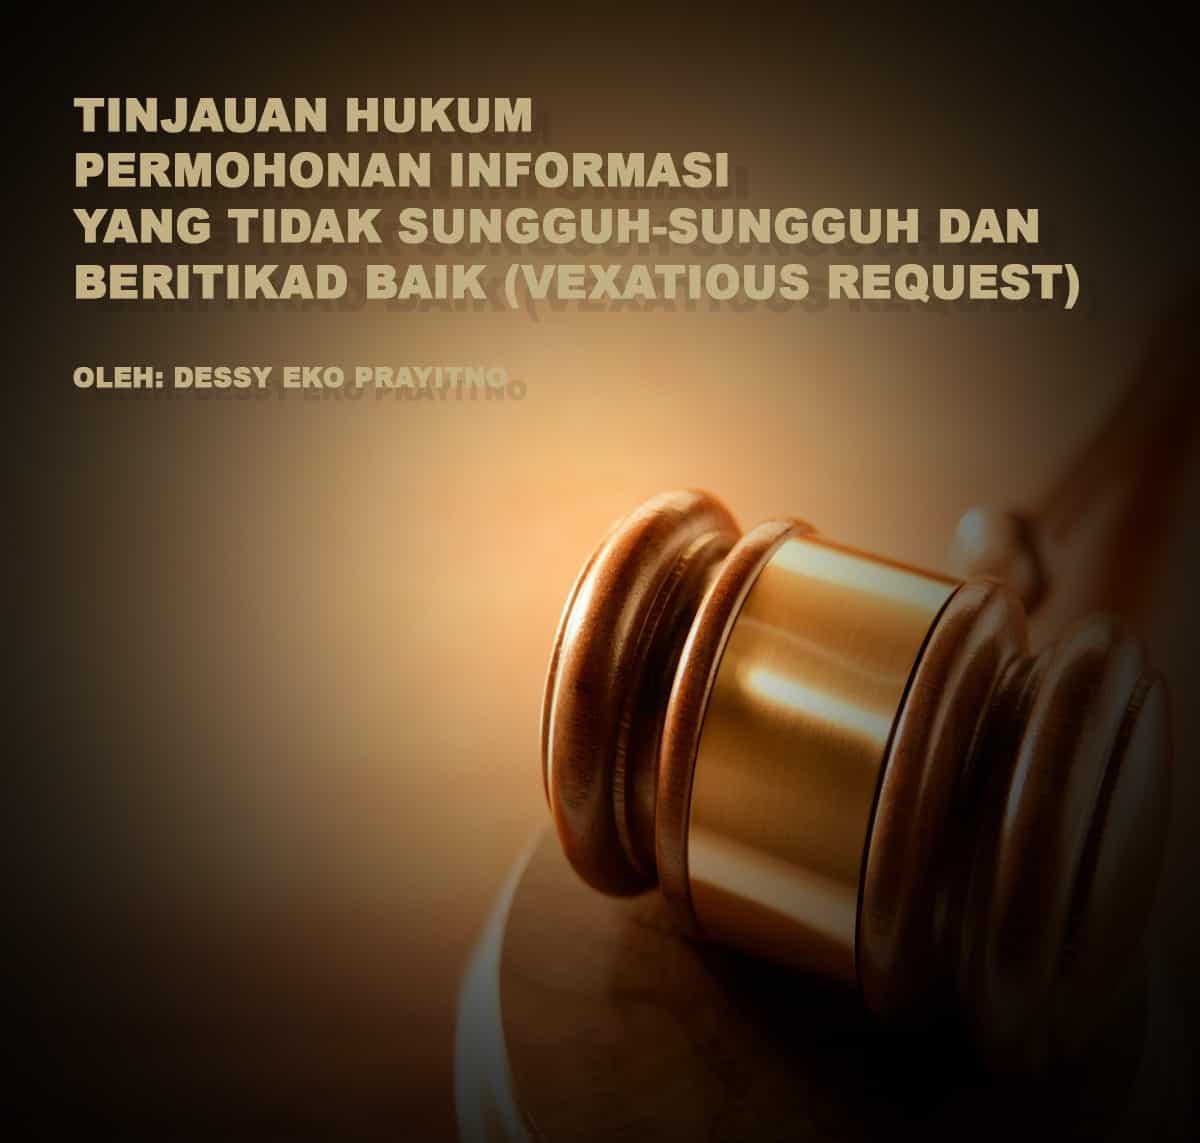 Tinjauan Hukum  Permohonan Informasi yang Tidak Sungguh-Sungguh dan Beritikad Baik (Vexatious Request)